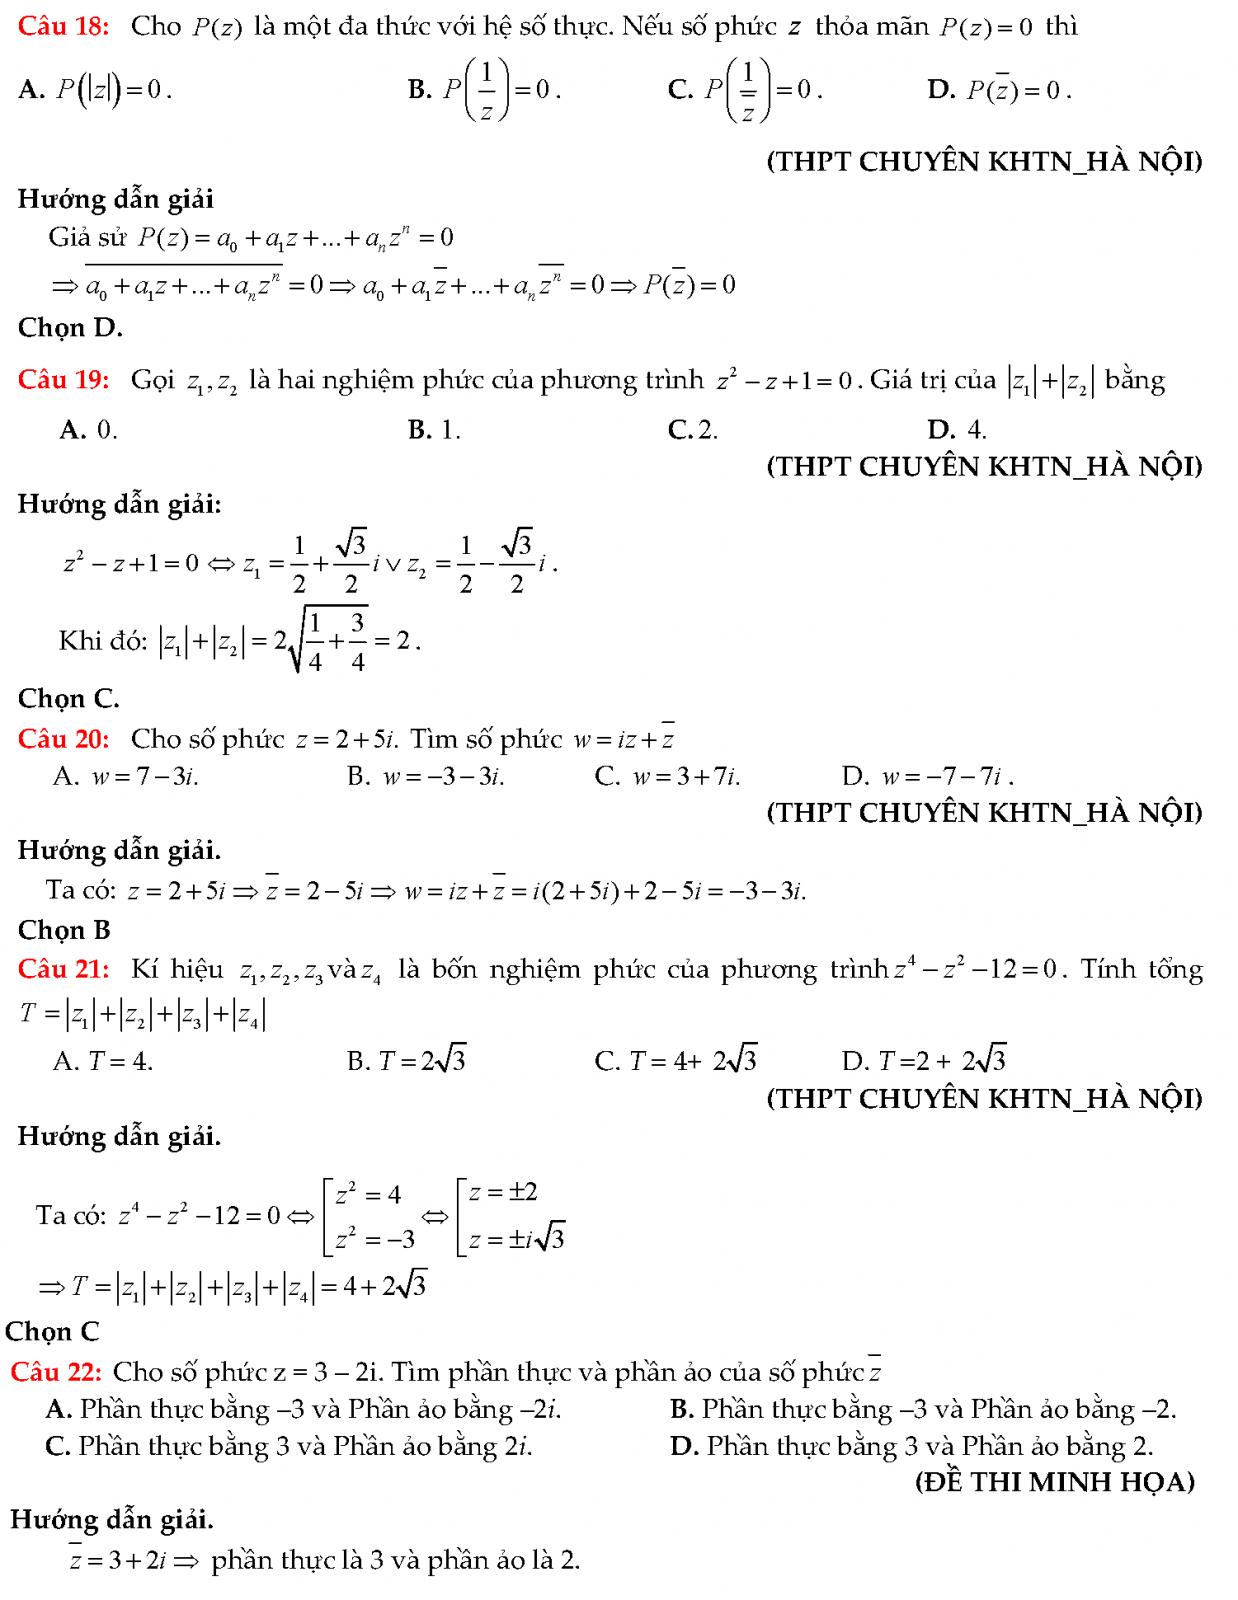 40-cau-trac-nghiem-so-phuc-5-png.9689